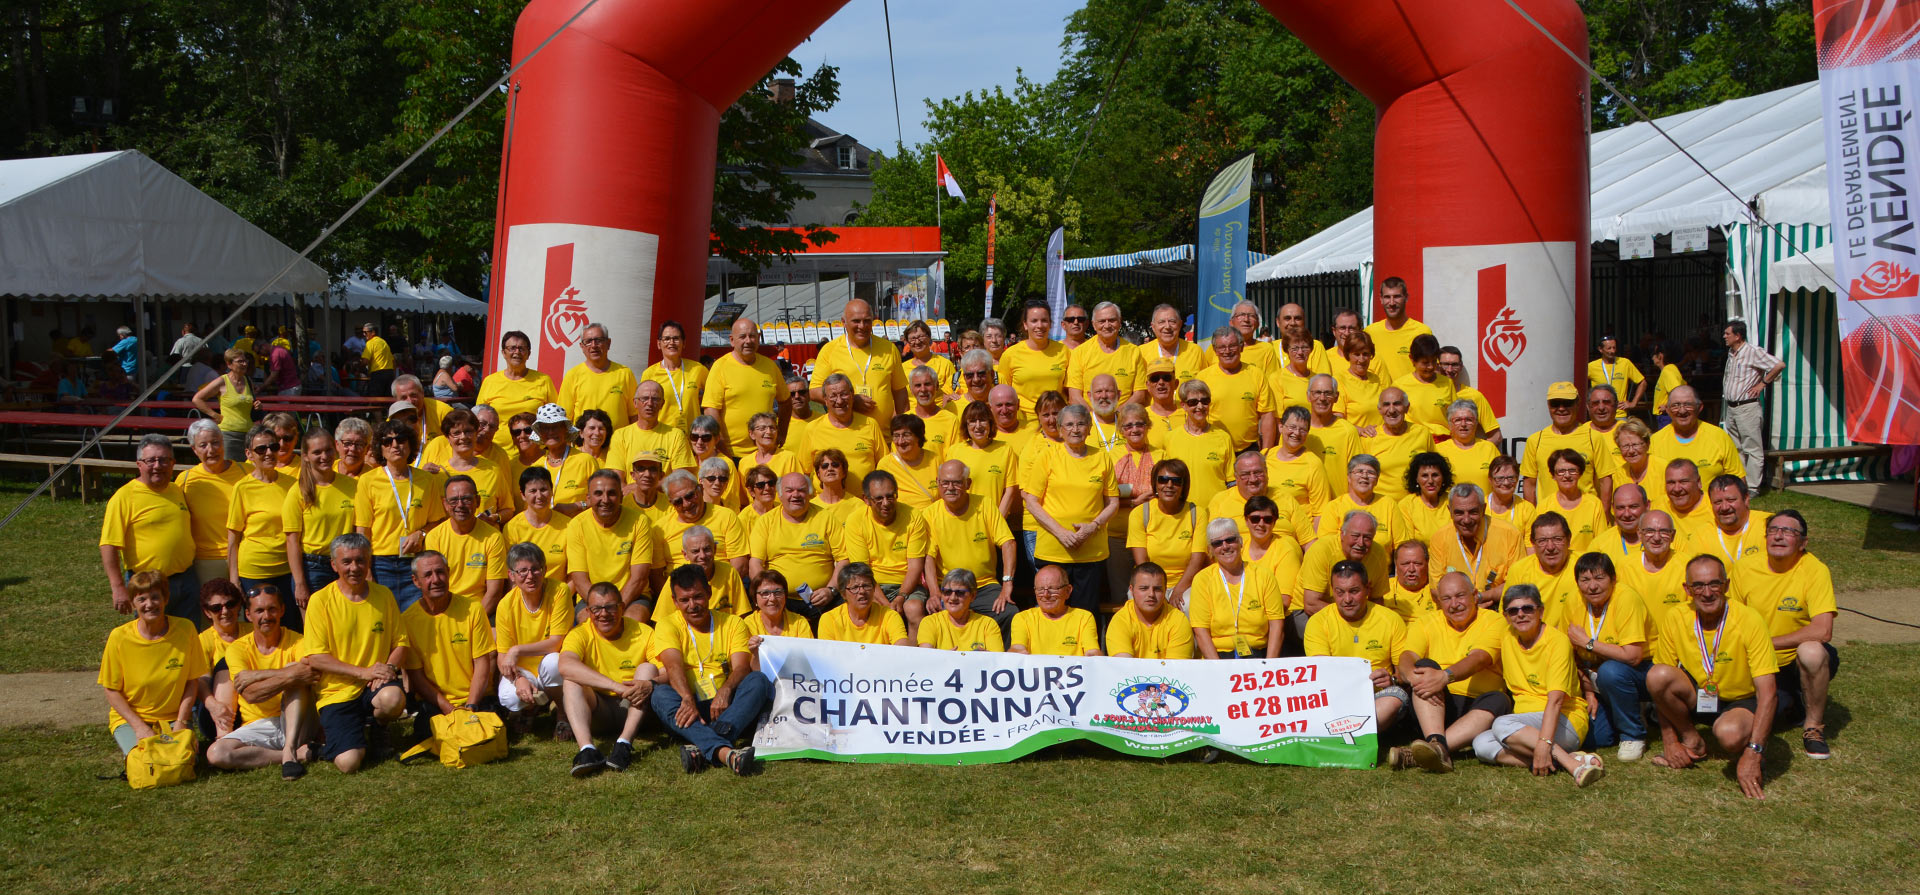 Bénévoles des randonnées 4 jours à Chantonnay